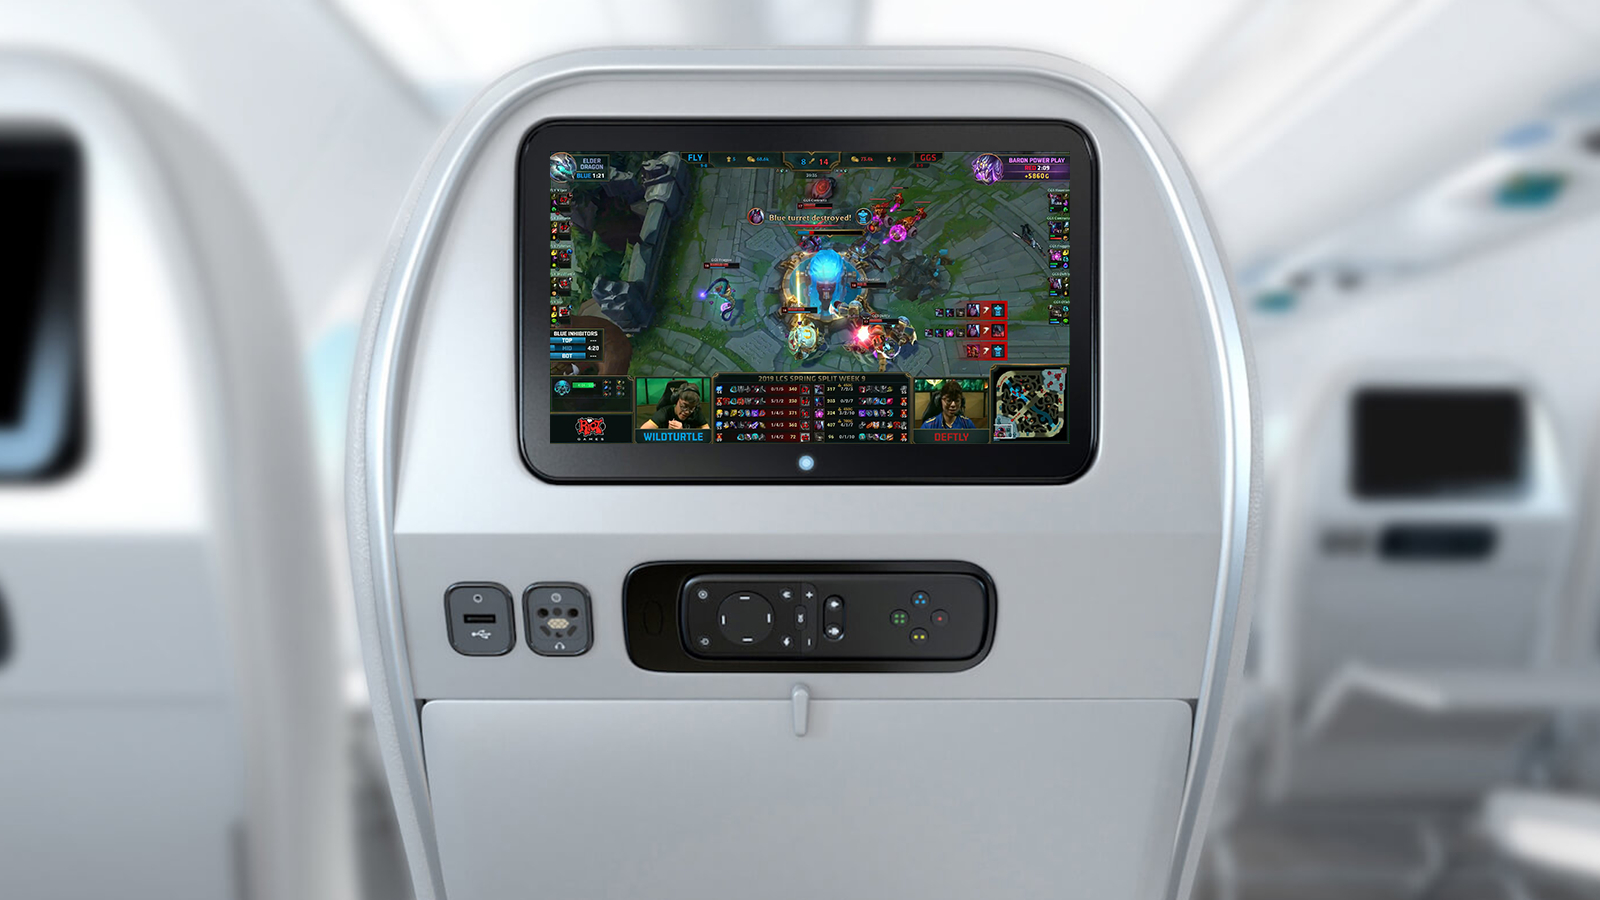 NÓNG: Các trận đấu LMHT sẽ được phát sóng trên máy bay